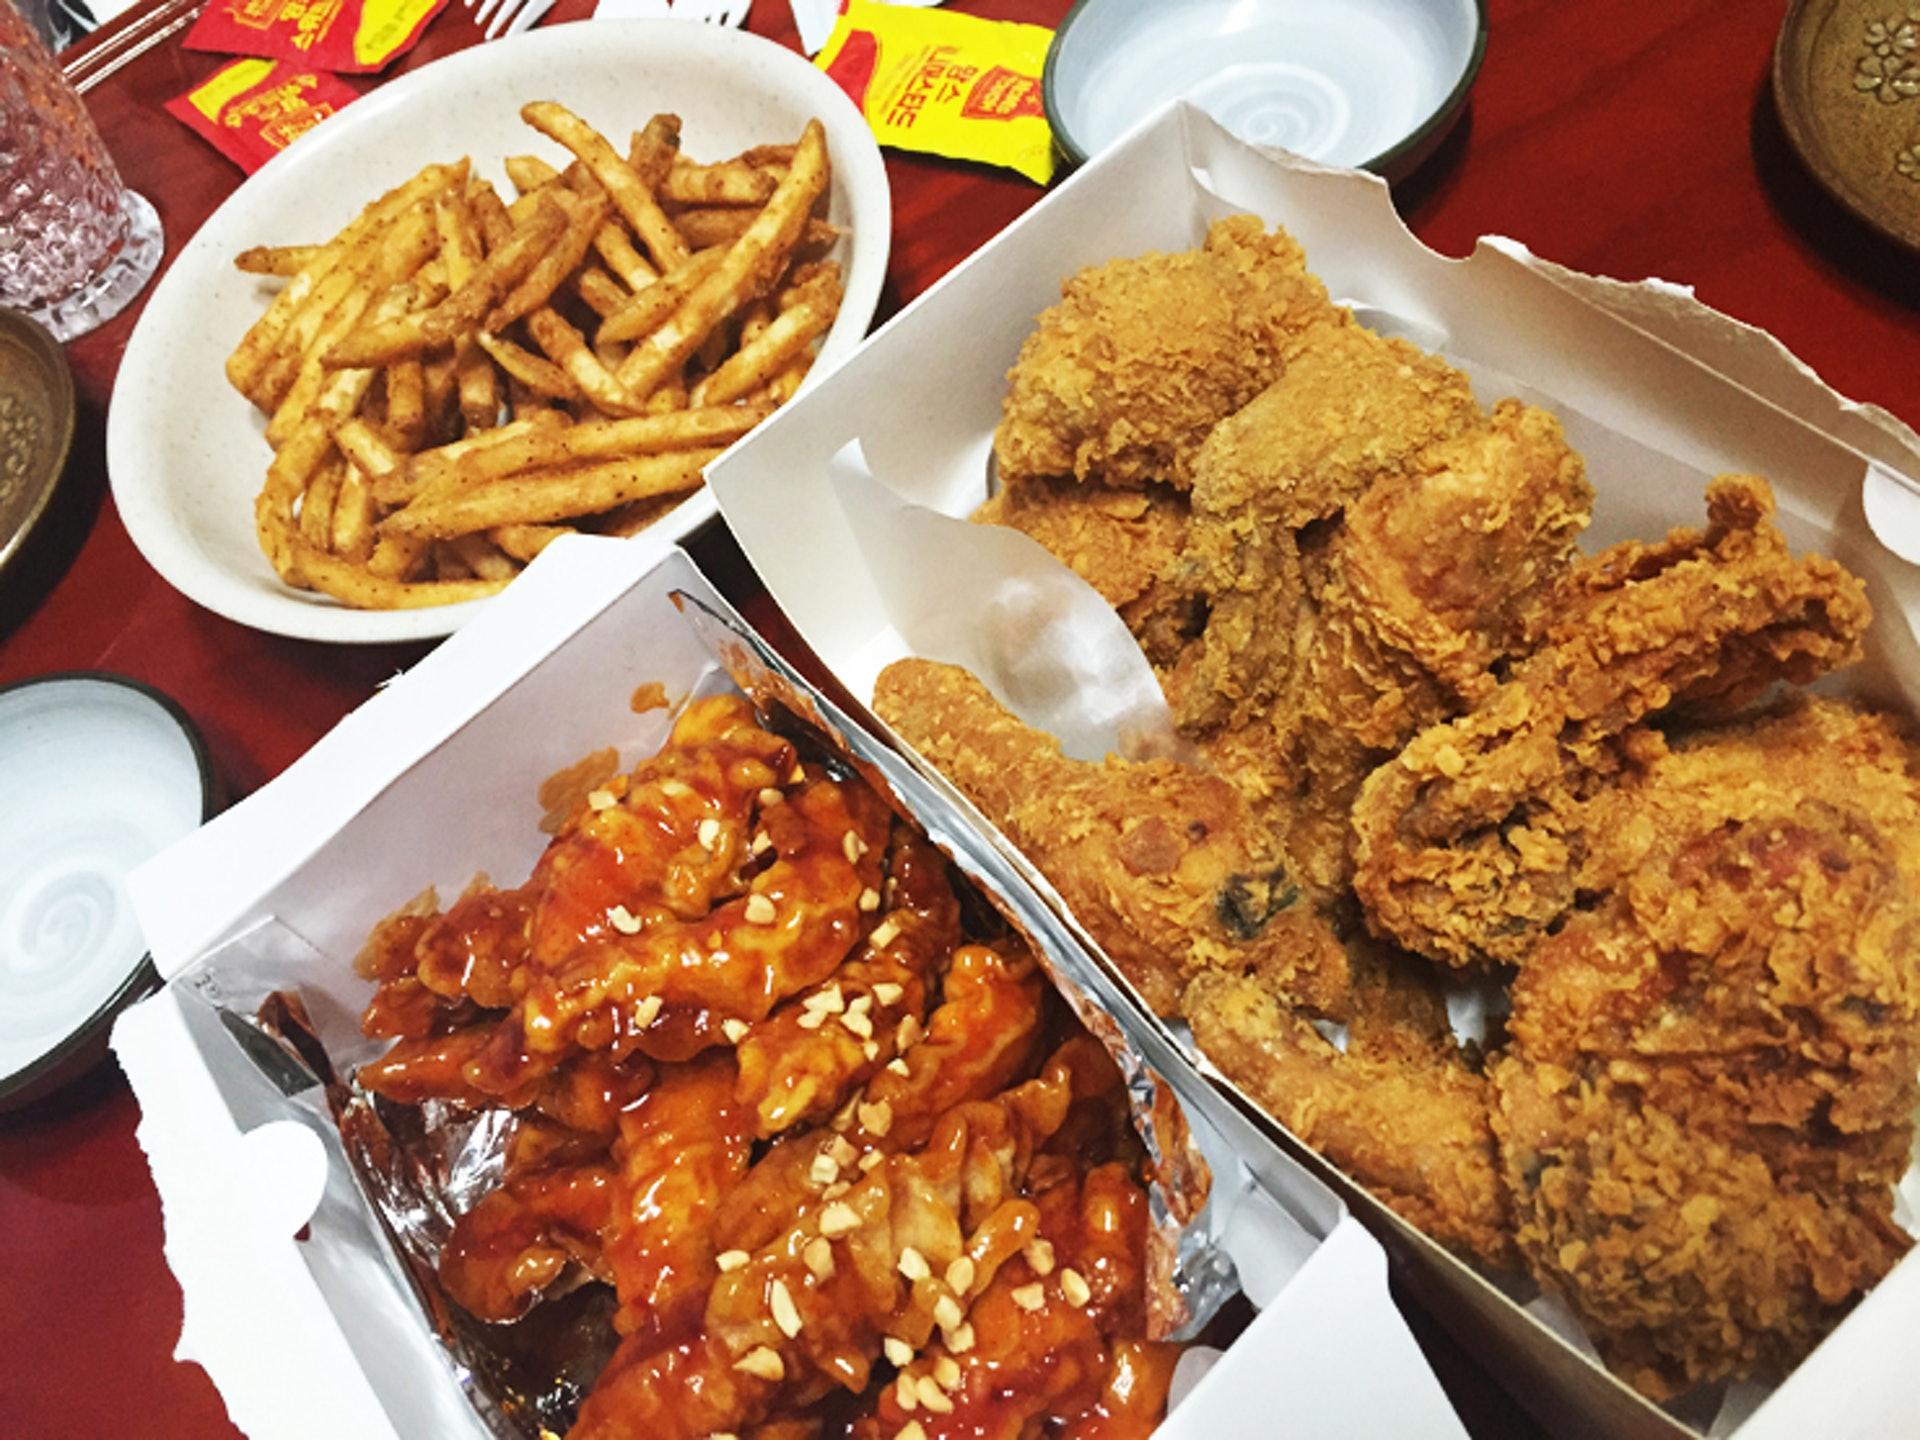 韩国线记者每次游韩必食,身边的韩国朋友也大力推荐! (图片来源︰Naver Blog)